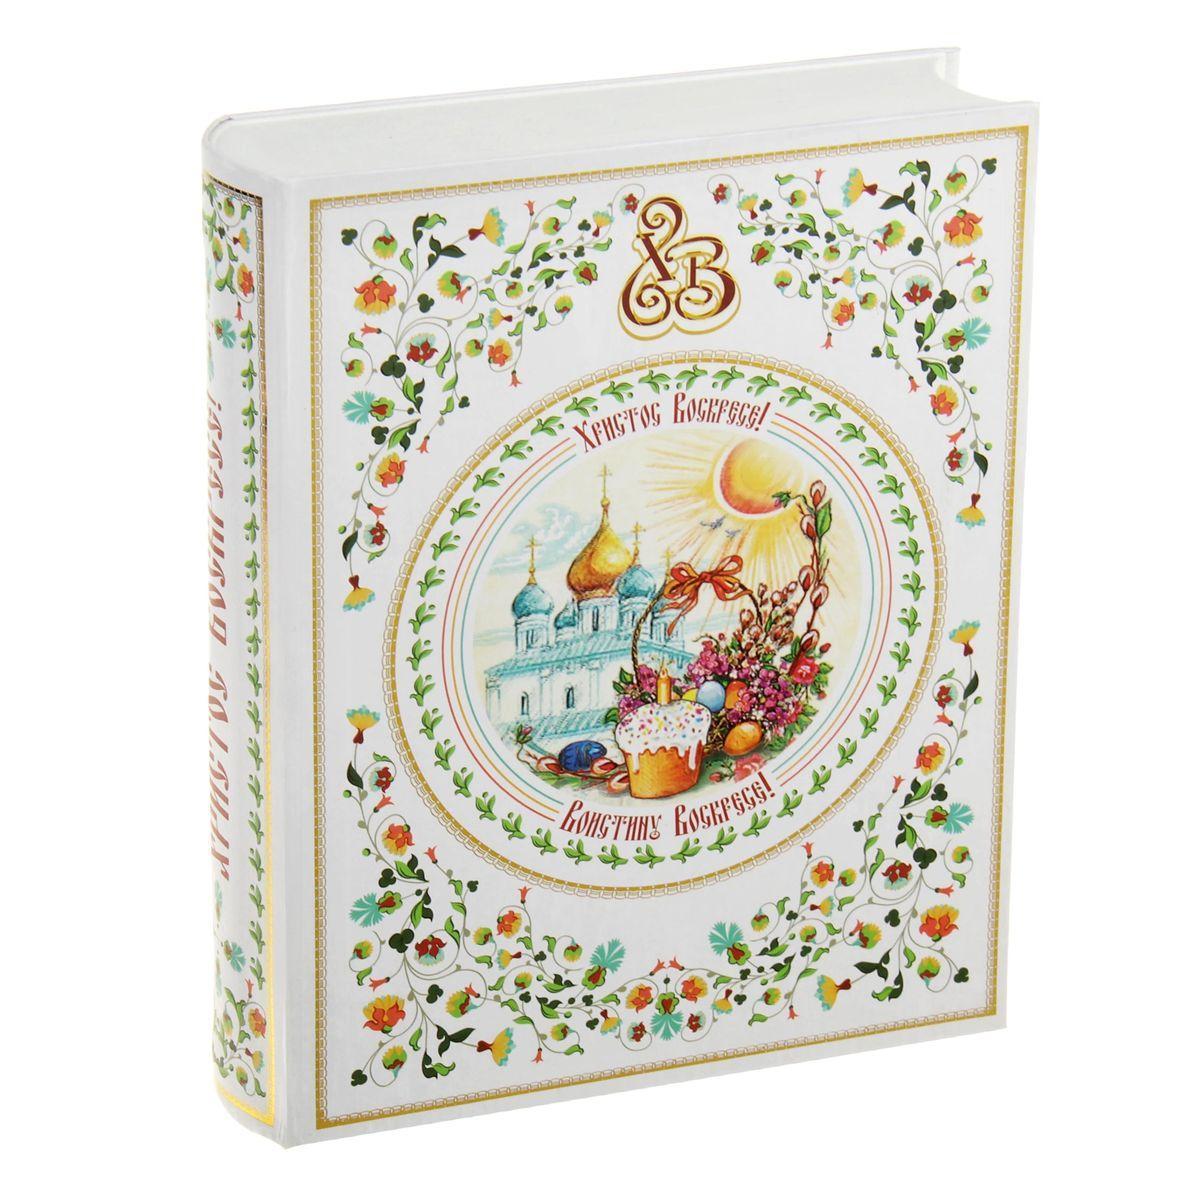 Книга-шкатулка Пасха цветочная, 22 х 16,5 х 4,5 см 877625FS-80299Эта книга-шкатулка выполнена в виде издания всем известного Пасха цветочная. Она имеет углубление для хранения купюр, в котором удобно разместится даже увесистая пачка денег. Обложка книги-шкатулки изготовлена из прочного картона и покрыта глянцевой бумагой.Такая книга-шкатулка станет замечательным подарком-сюрпризом и послужит накоплению личного капитала. Материал: Пластик